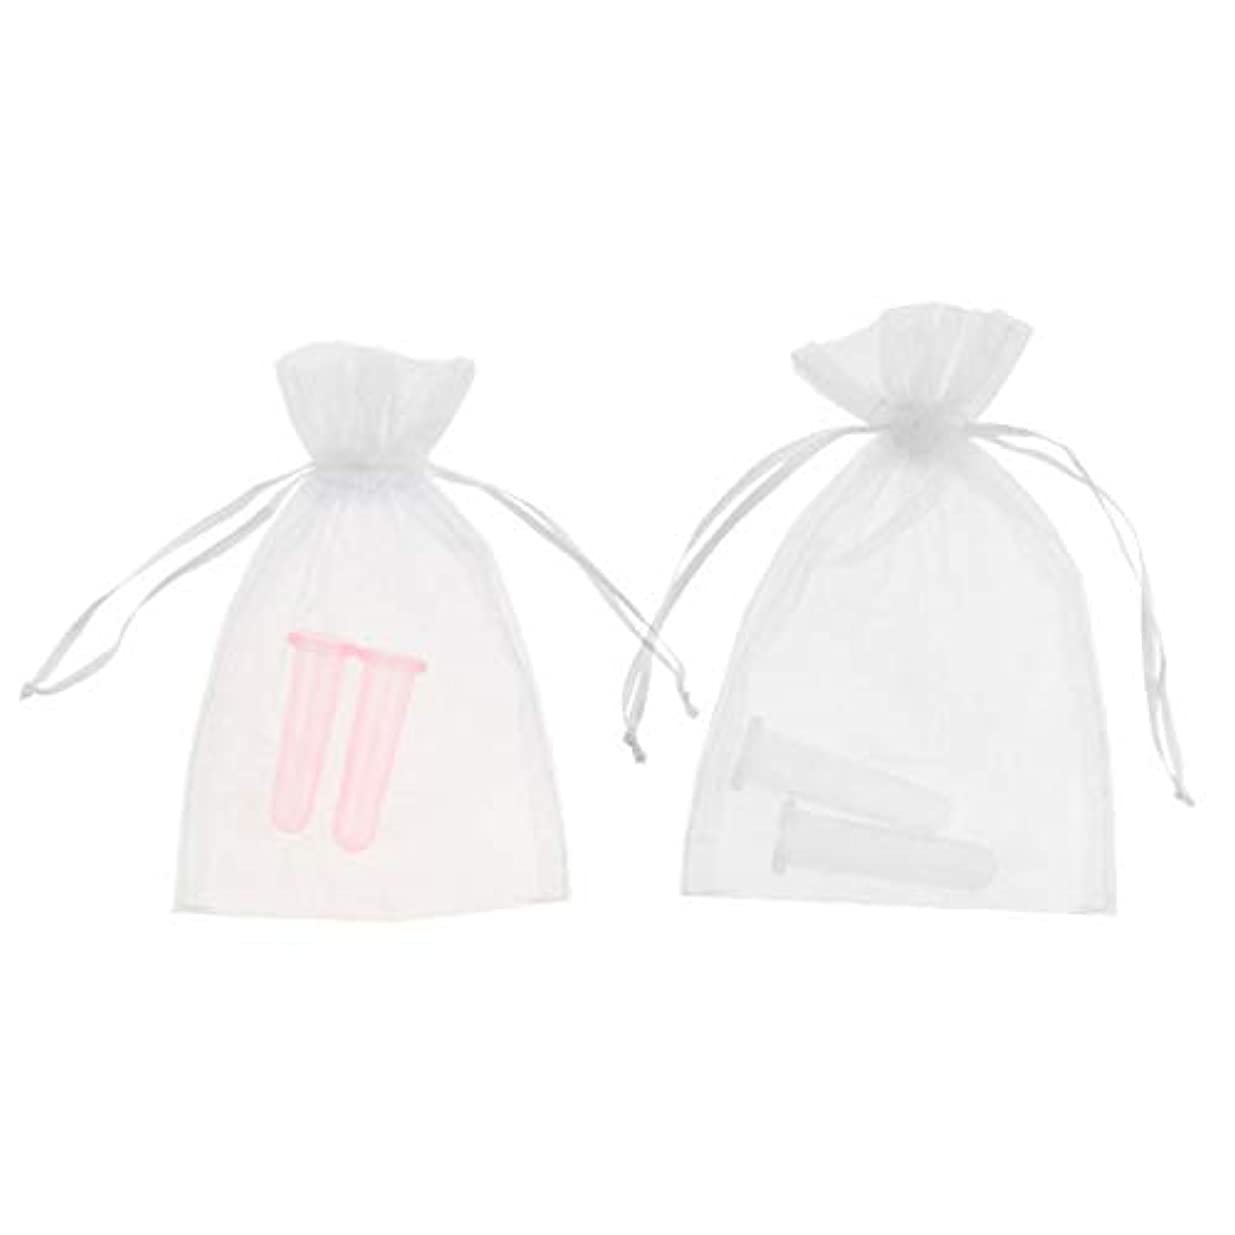 それから疫病市区町村D DOLITY シリコーン素材 顔 首用 マッサージ 吸い玉 カッピングカップ 2個 収納ポーチ 高品質